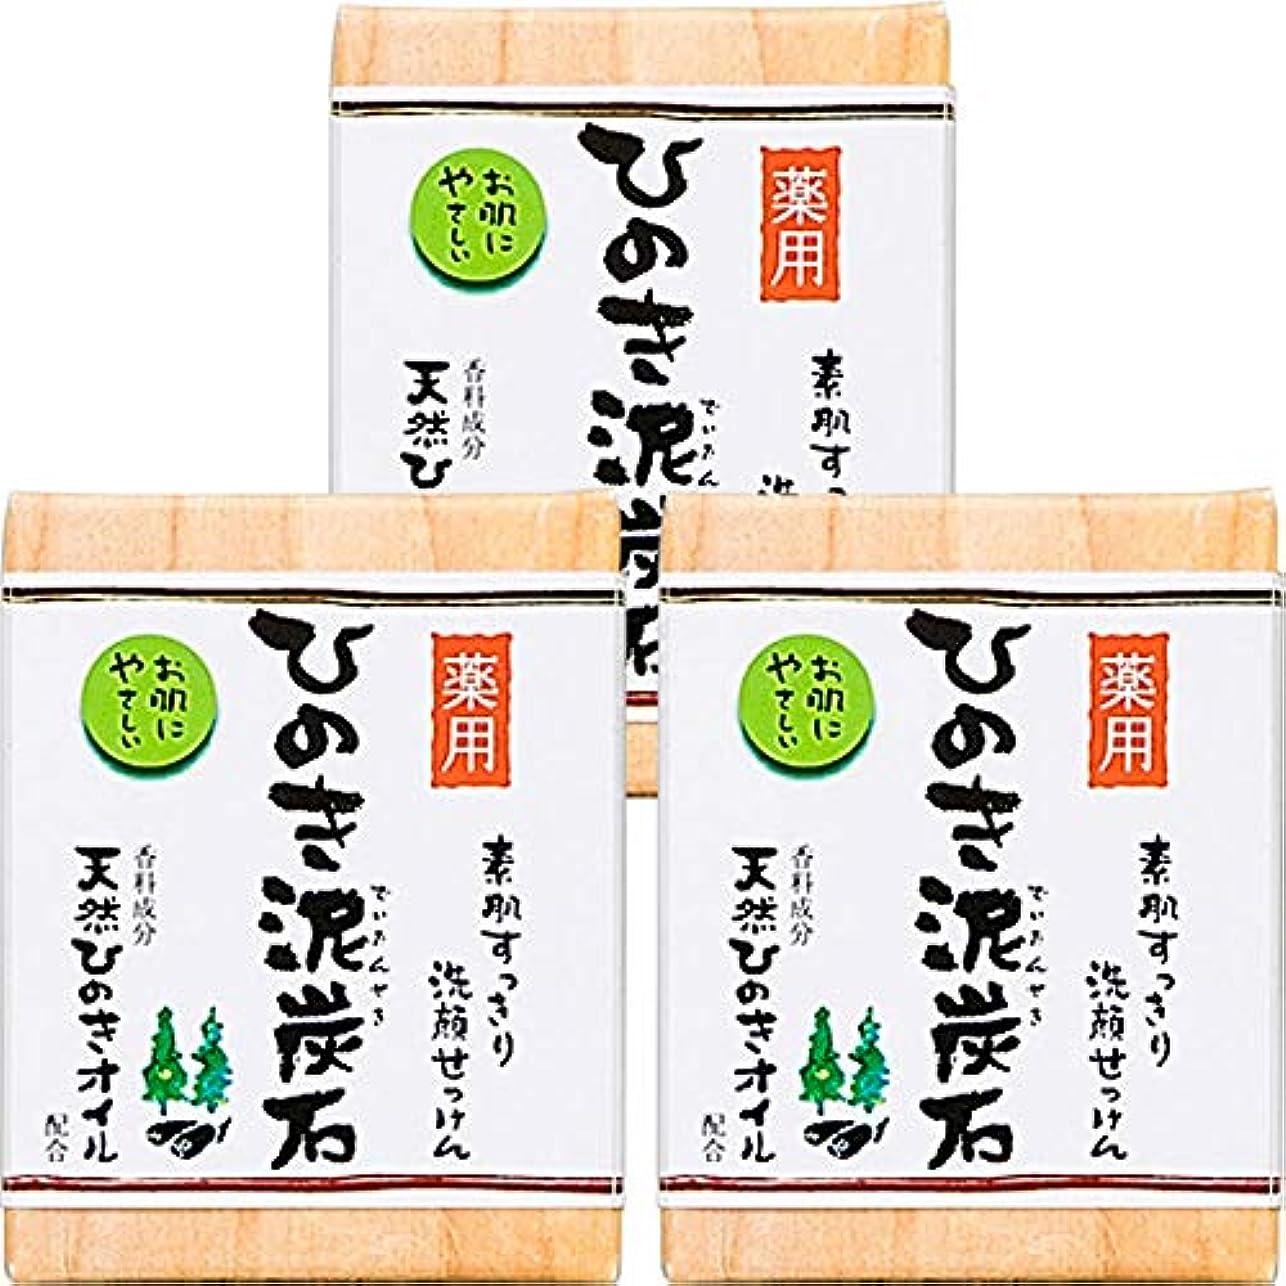 かすかな今まで雇用者薬用 ひのき泥炭石 (75g×3個) 洗顔 石けん [天然ひのきオイル配合] 肌荒れ防止